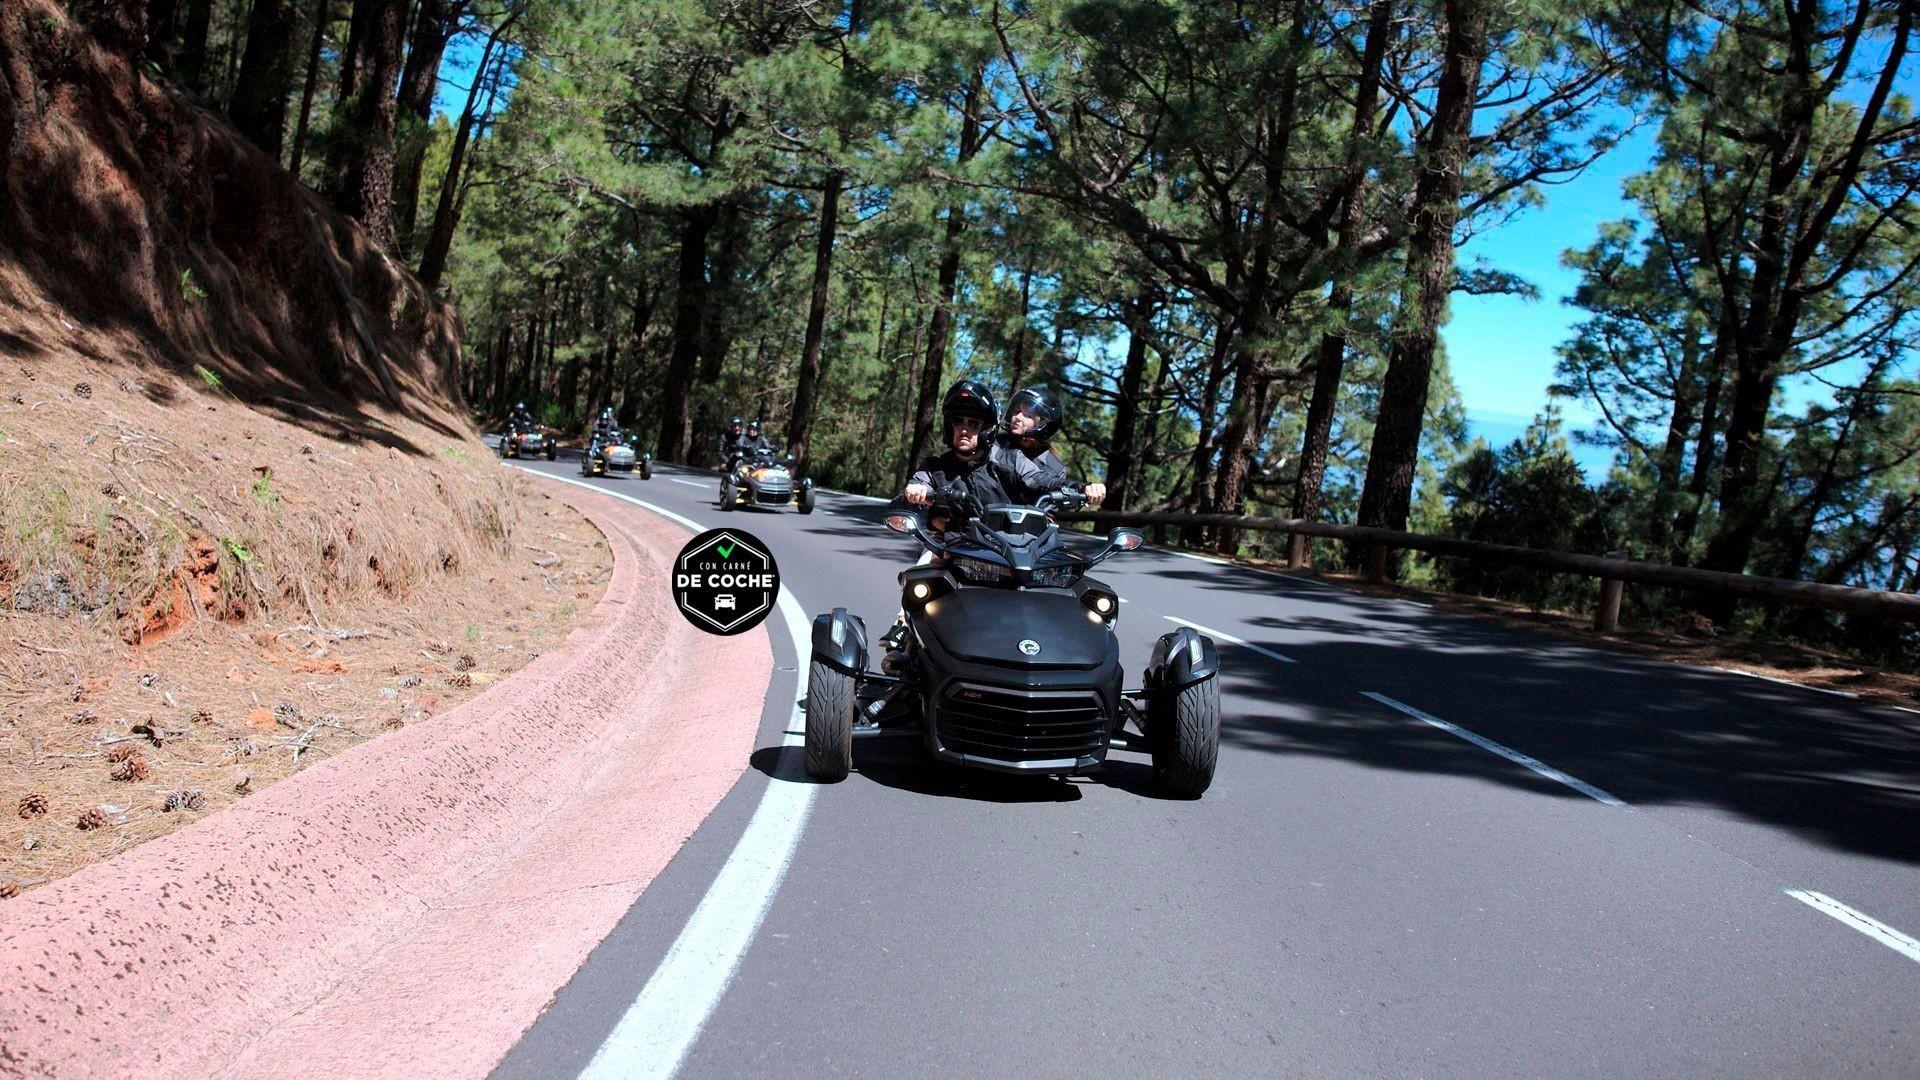 Actividades de aventura en Tenerife